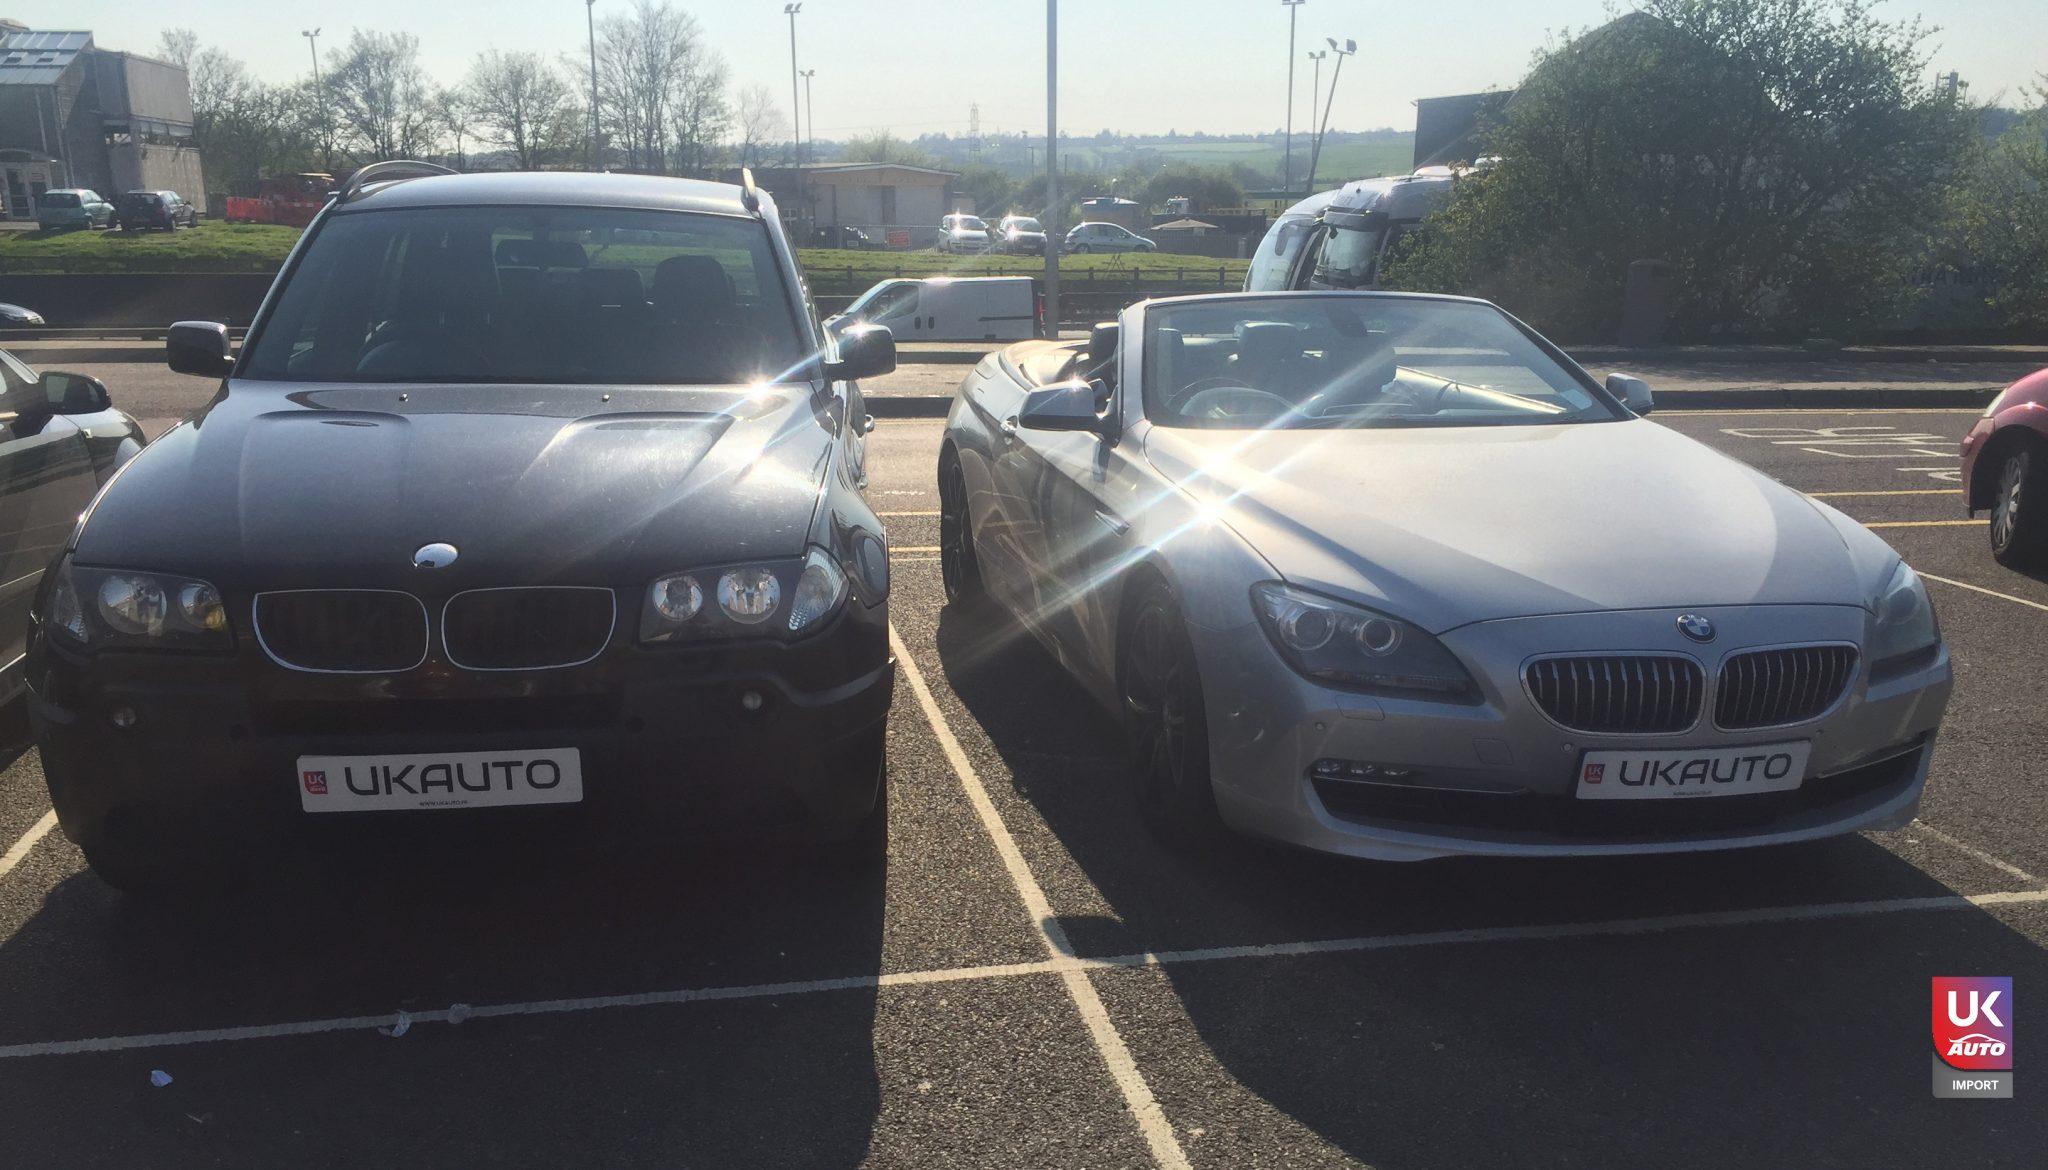 IMG 7731 copy - Magnifique BMW RHD BMW X3 3.0 UKAUTO votre Mandataire automobile au royaume uni